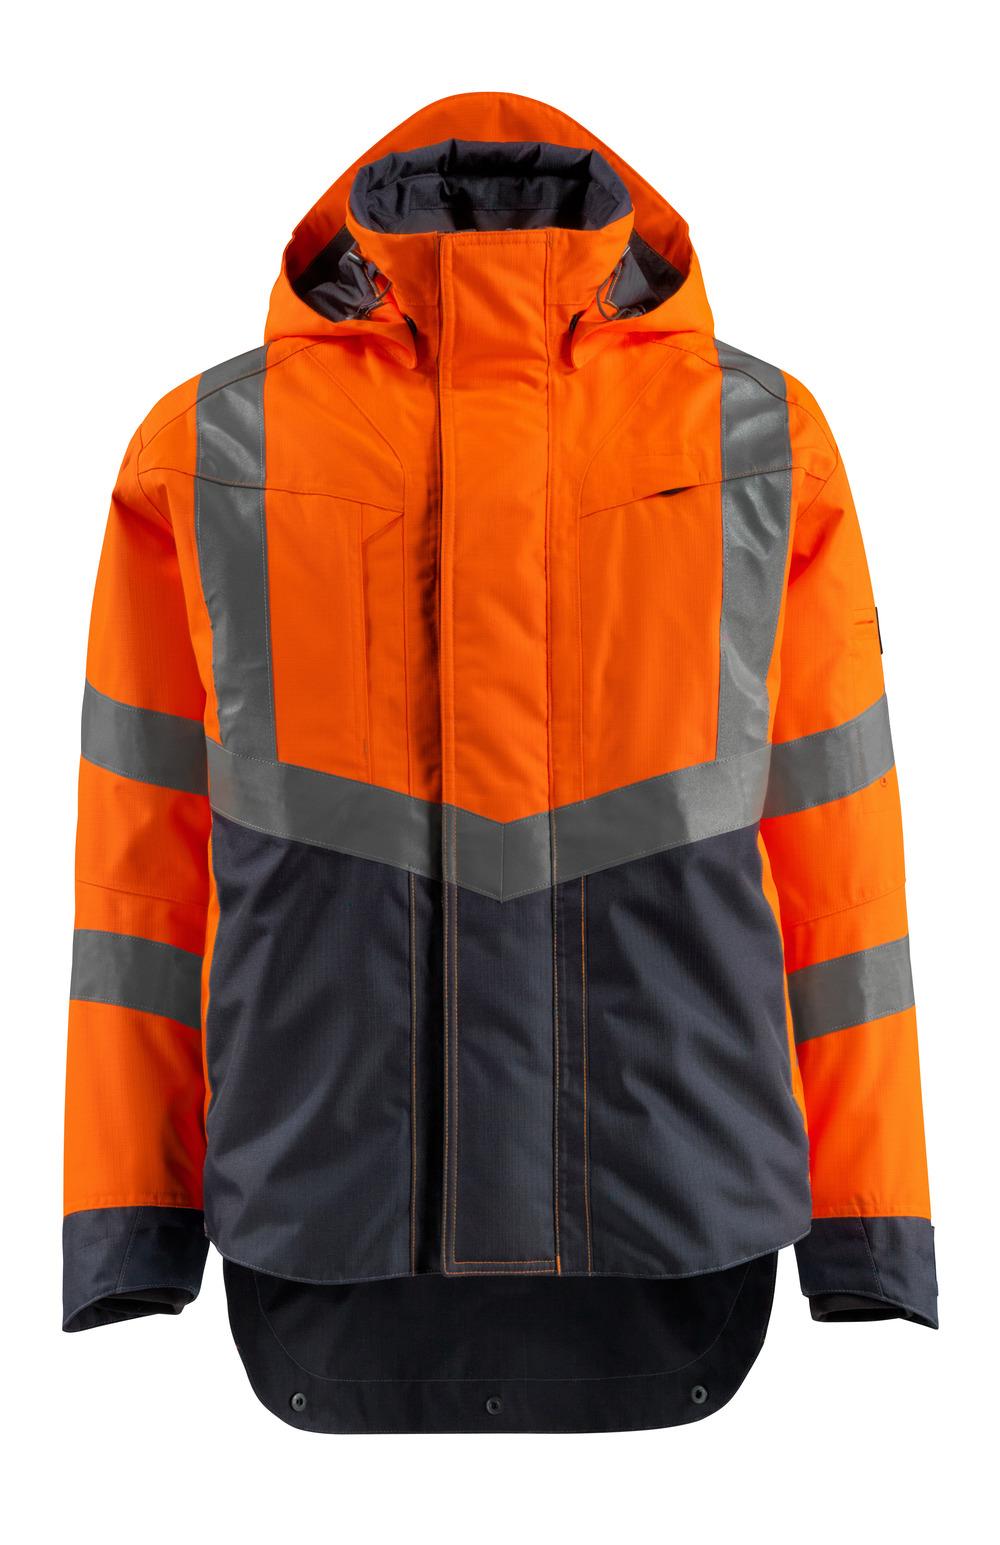 15501-231-14010 Shelljack - hi-vis oranje/donkermarine